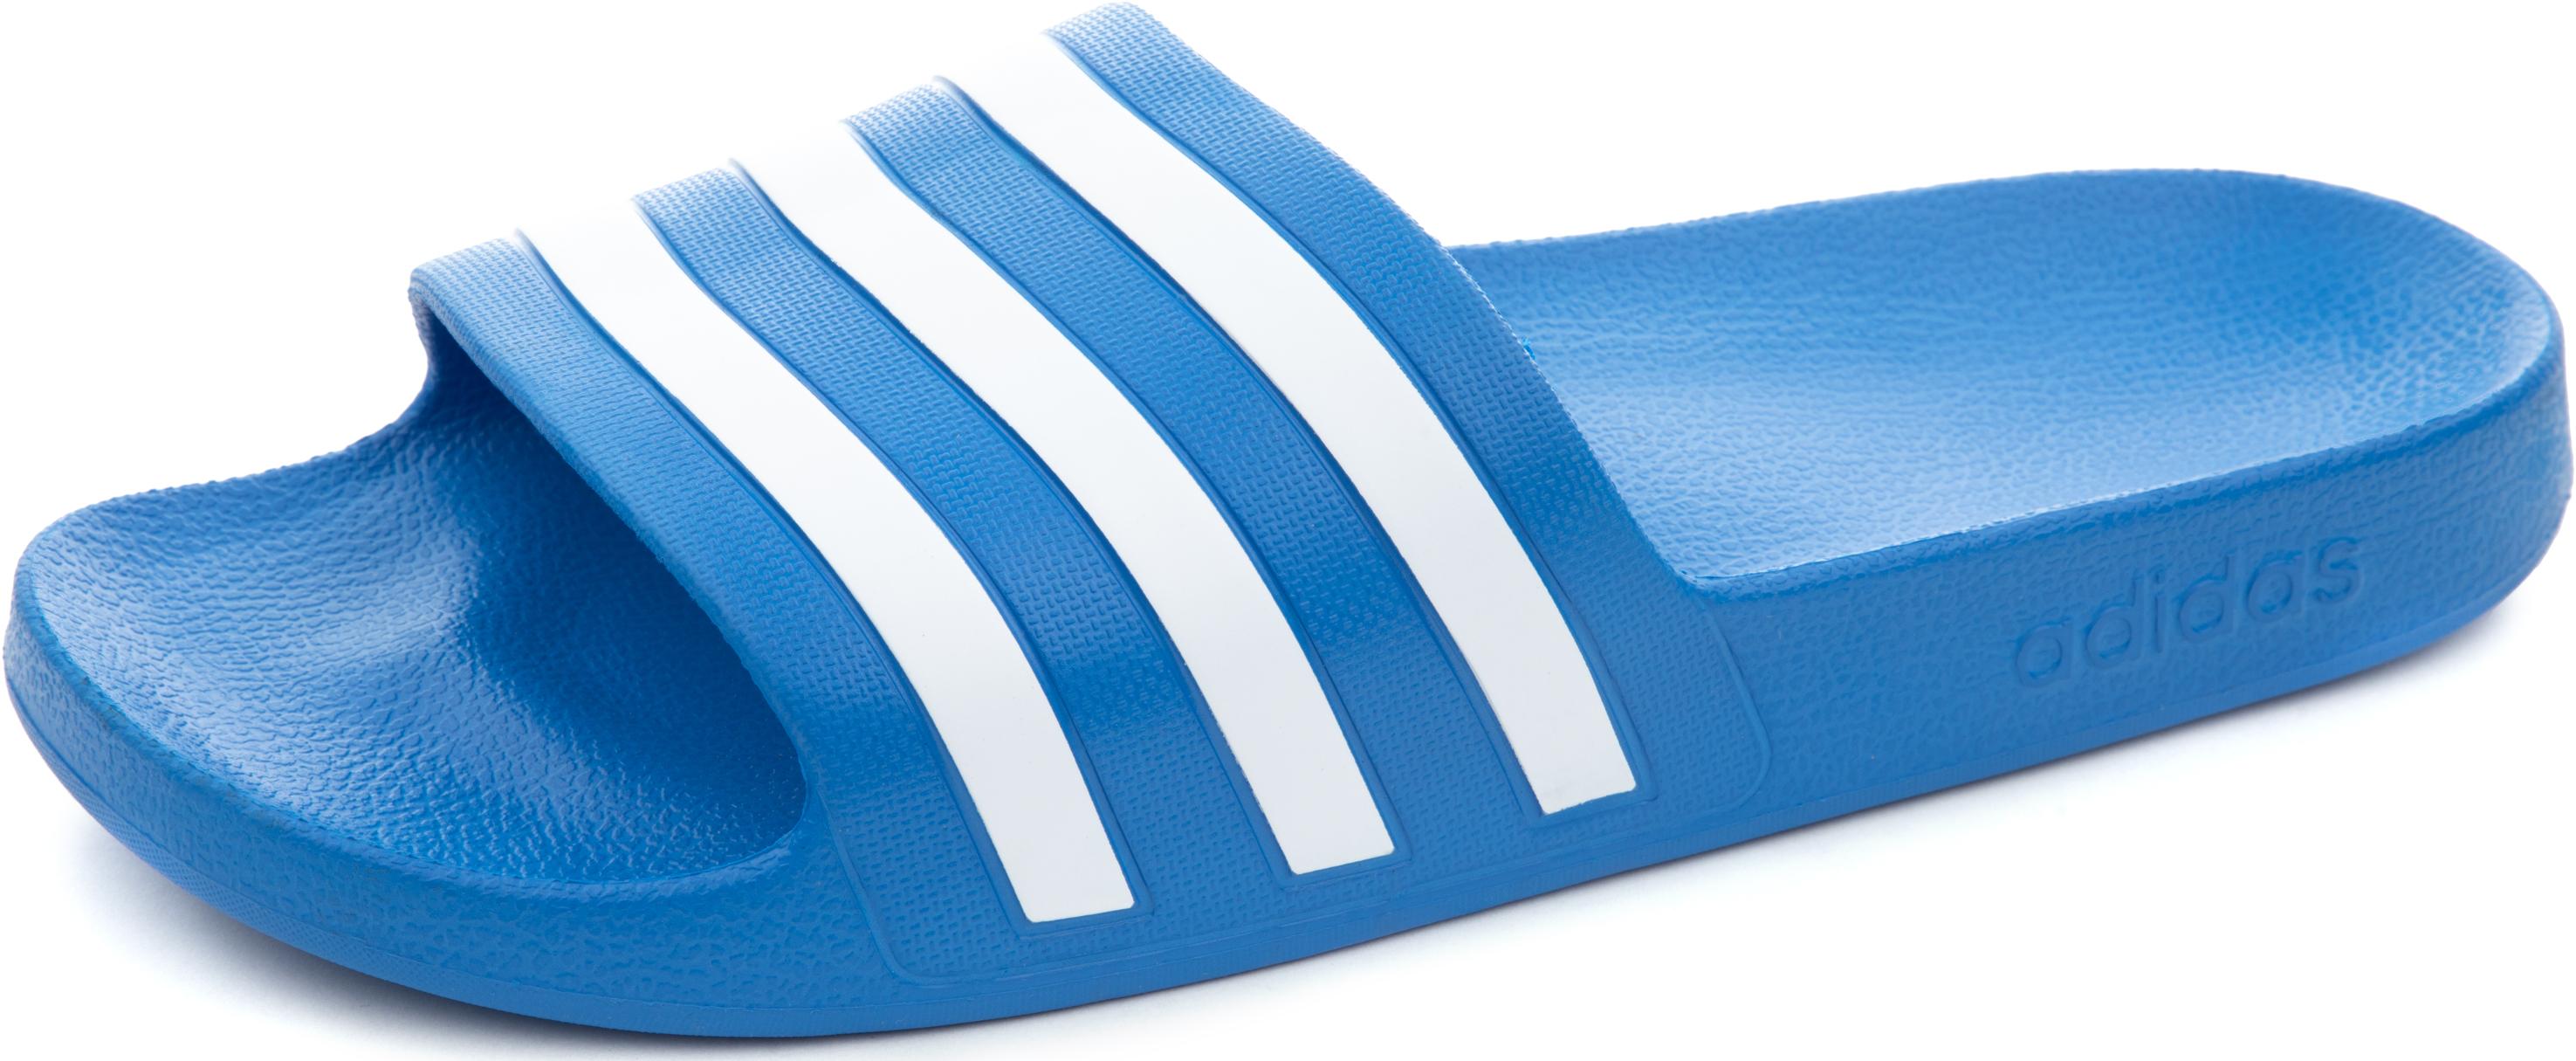 Adidas Шлепанцы мужские Adidas Adilette Aqua, размер 46 шлепанцы мужские rider цвет синий белый 82499 20084 размер 47 46